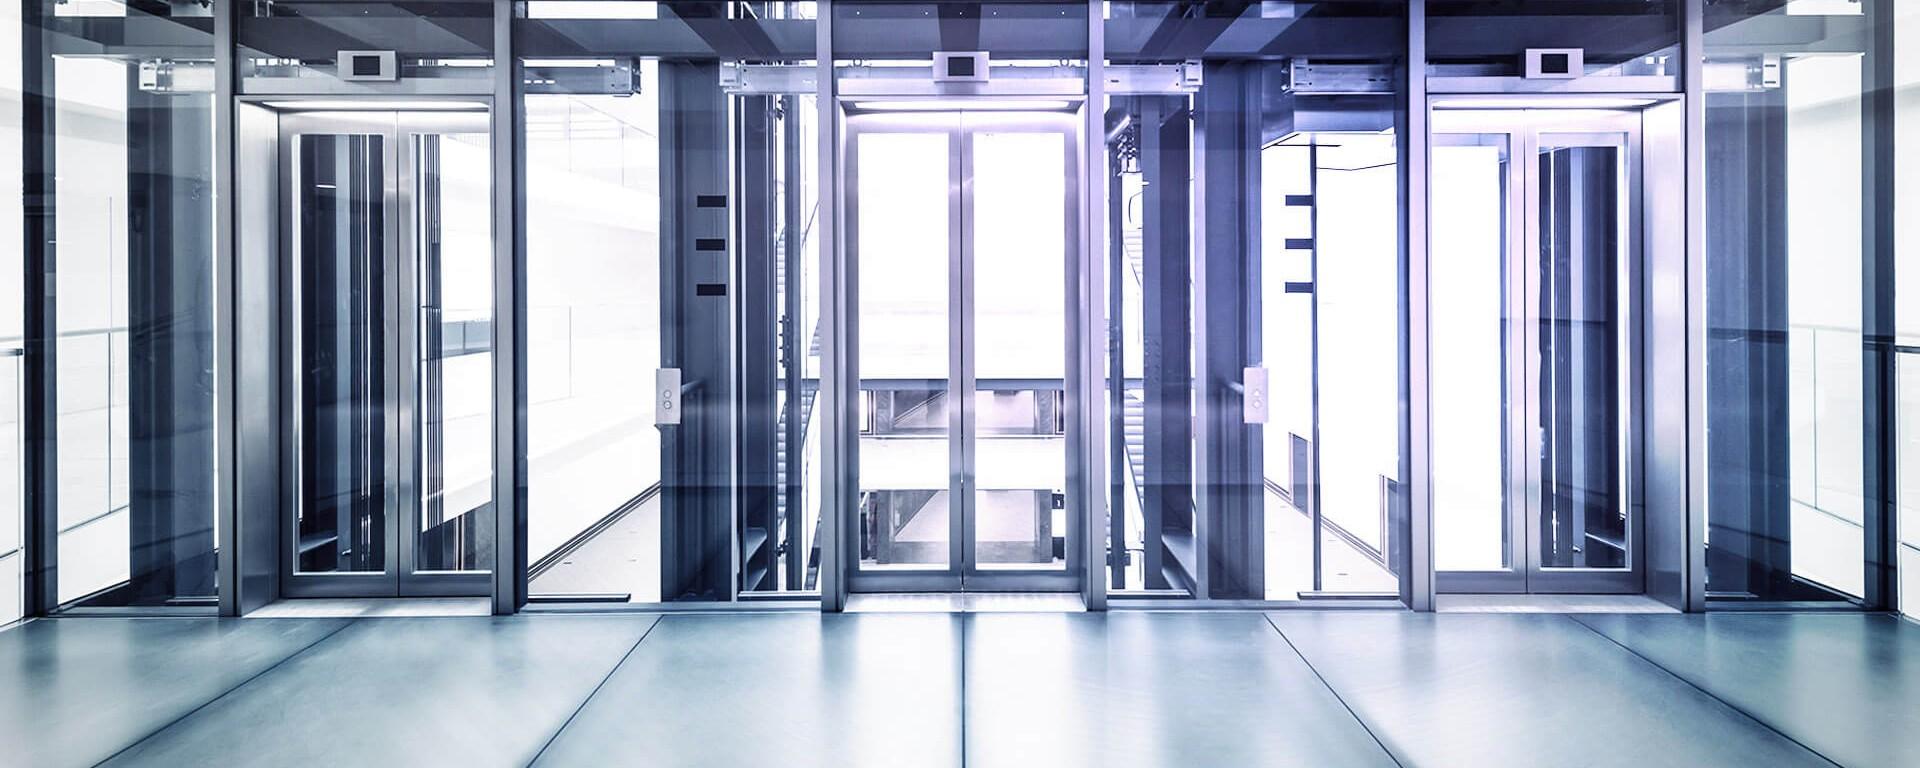 Spezialprofile aus Stahl und Nichteisenmetallen für Haustechnik und Industrietechnik